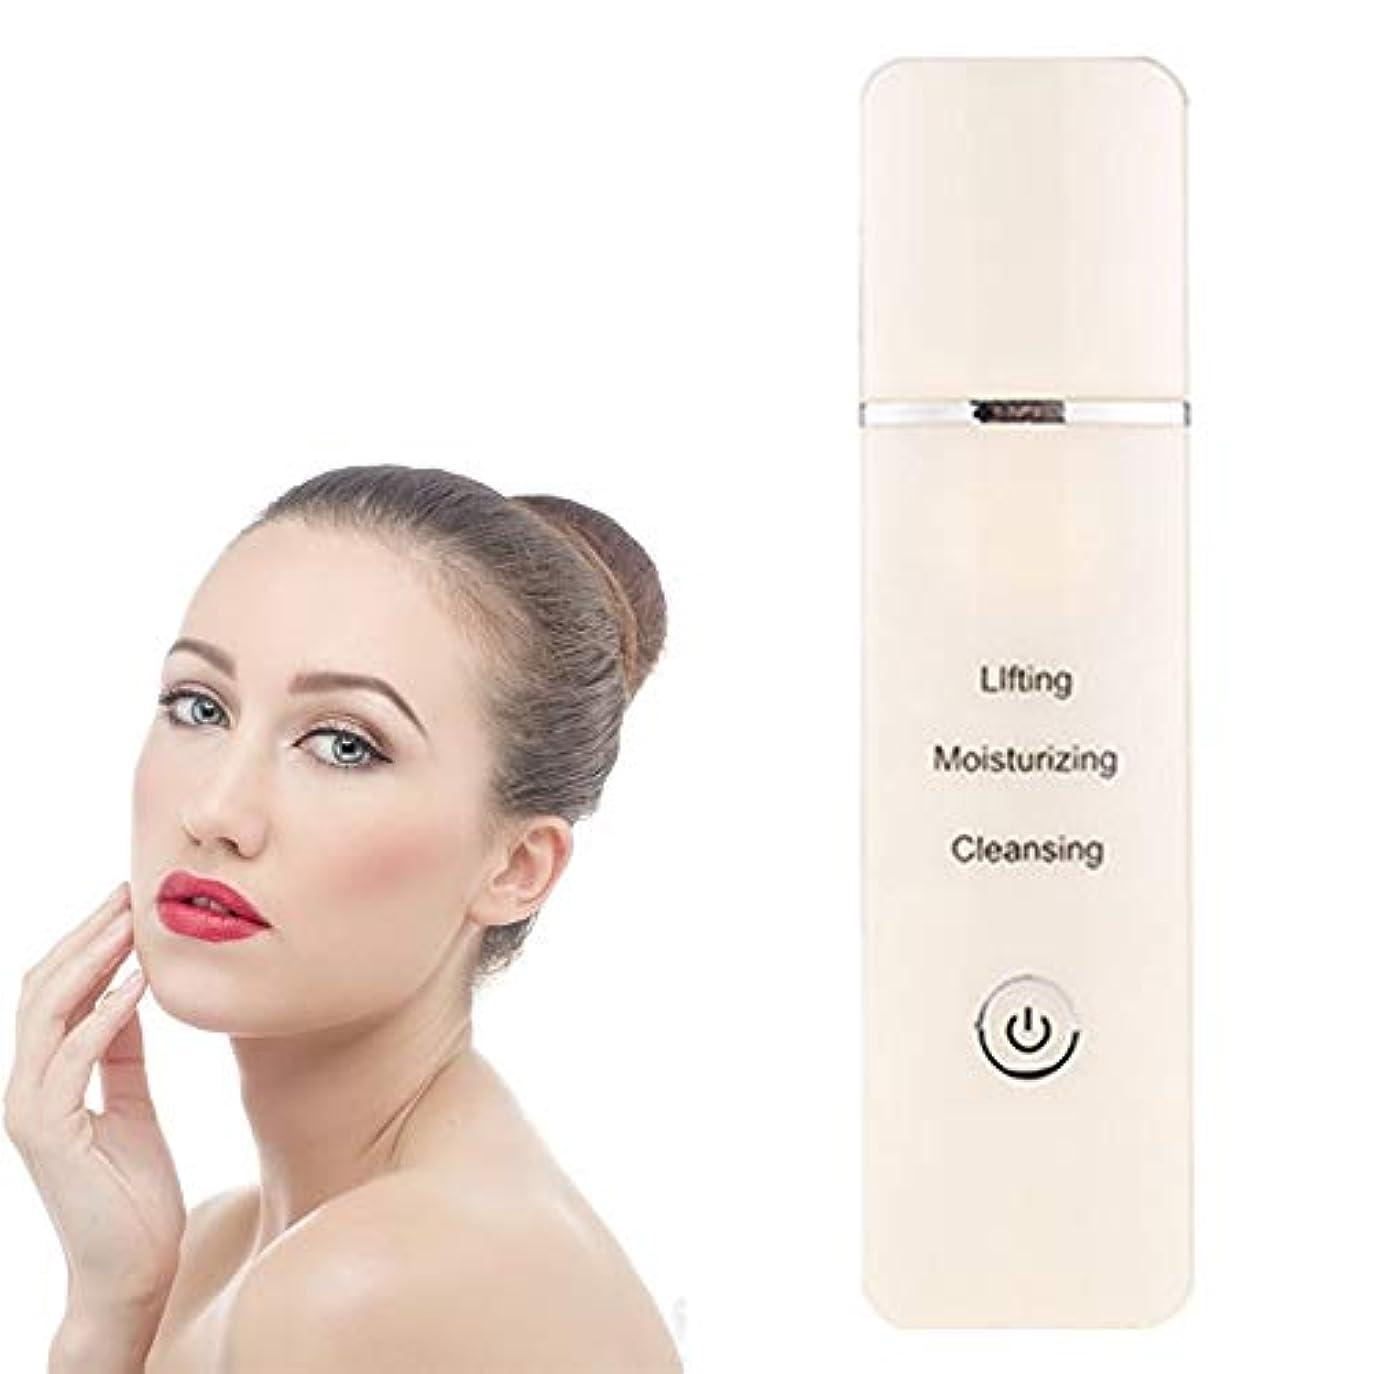 眠いです洗剤レンチピーリングリフティングEMSクレンジングエクスフォリエイティングUSB充電式スキンケアピーリングしわ除去マシン - 白と顔の皮膚のスクラバーピール毛穴ツールブラックヘッドリムーバー毛穴の掃除機